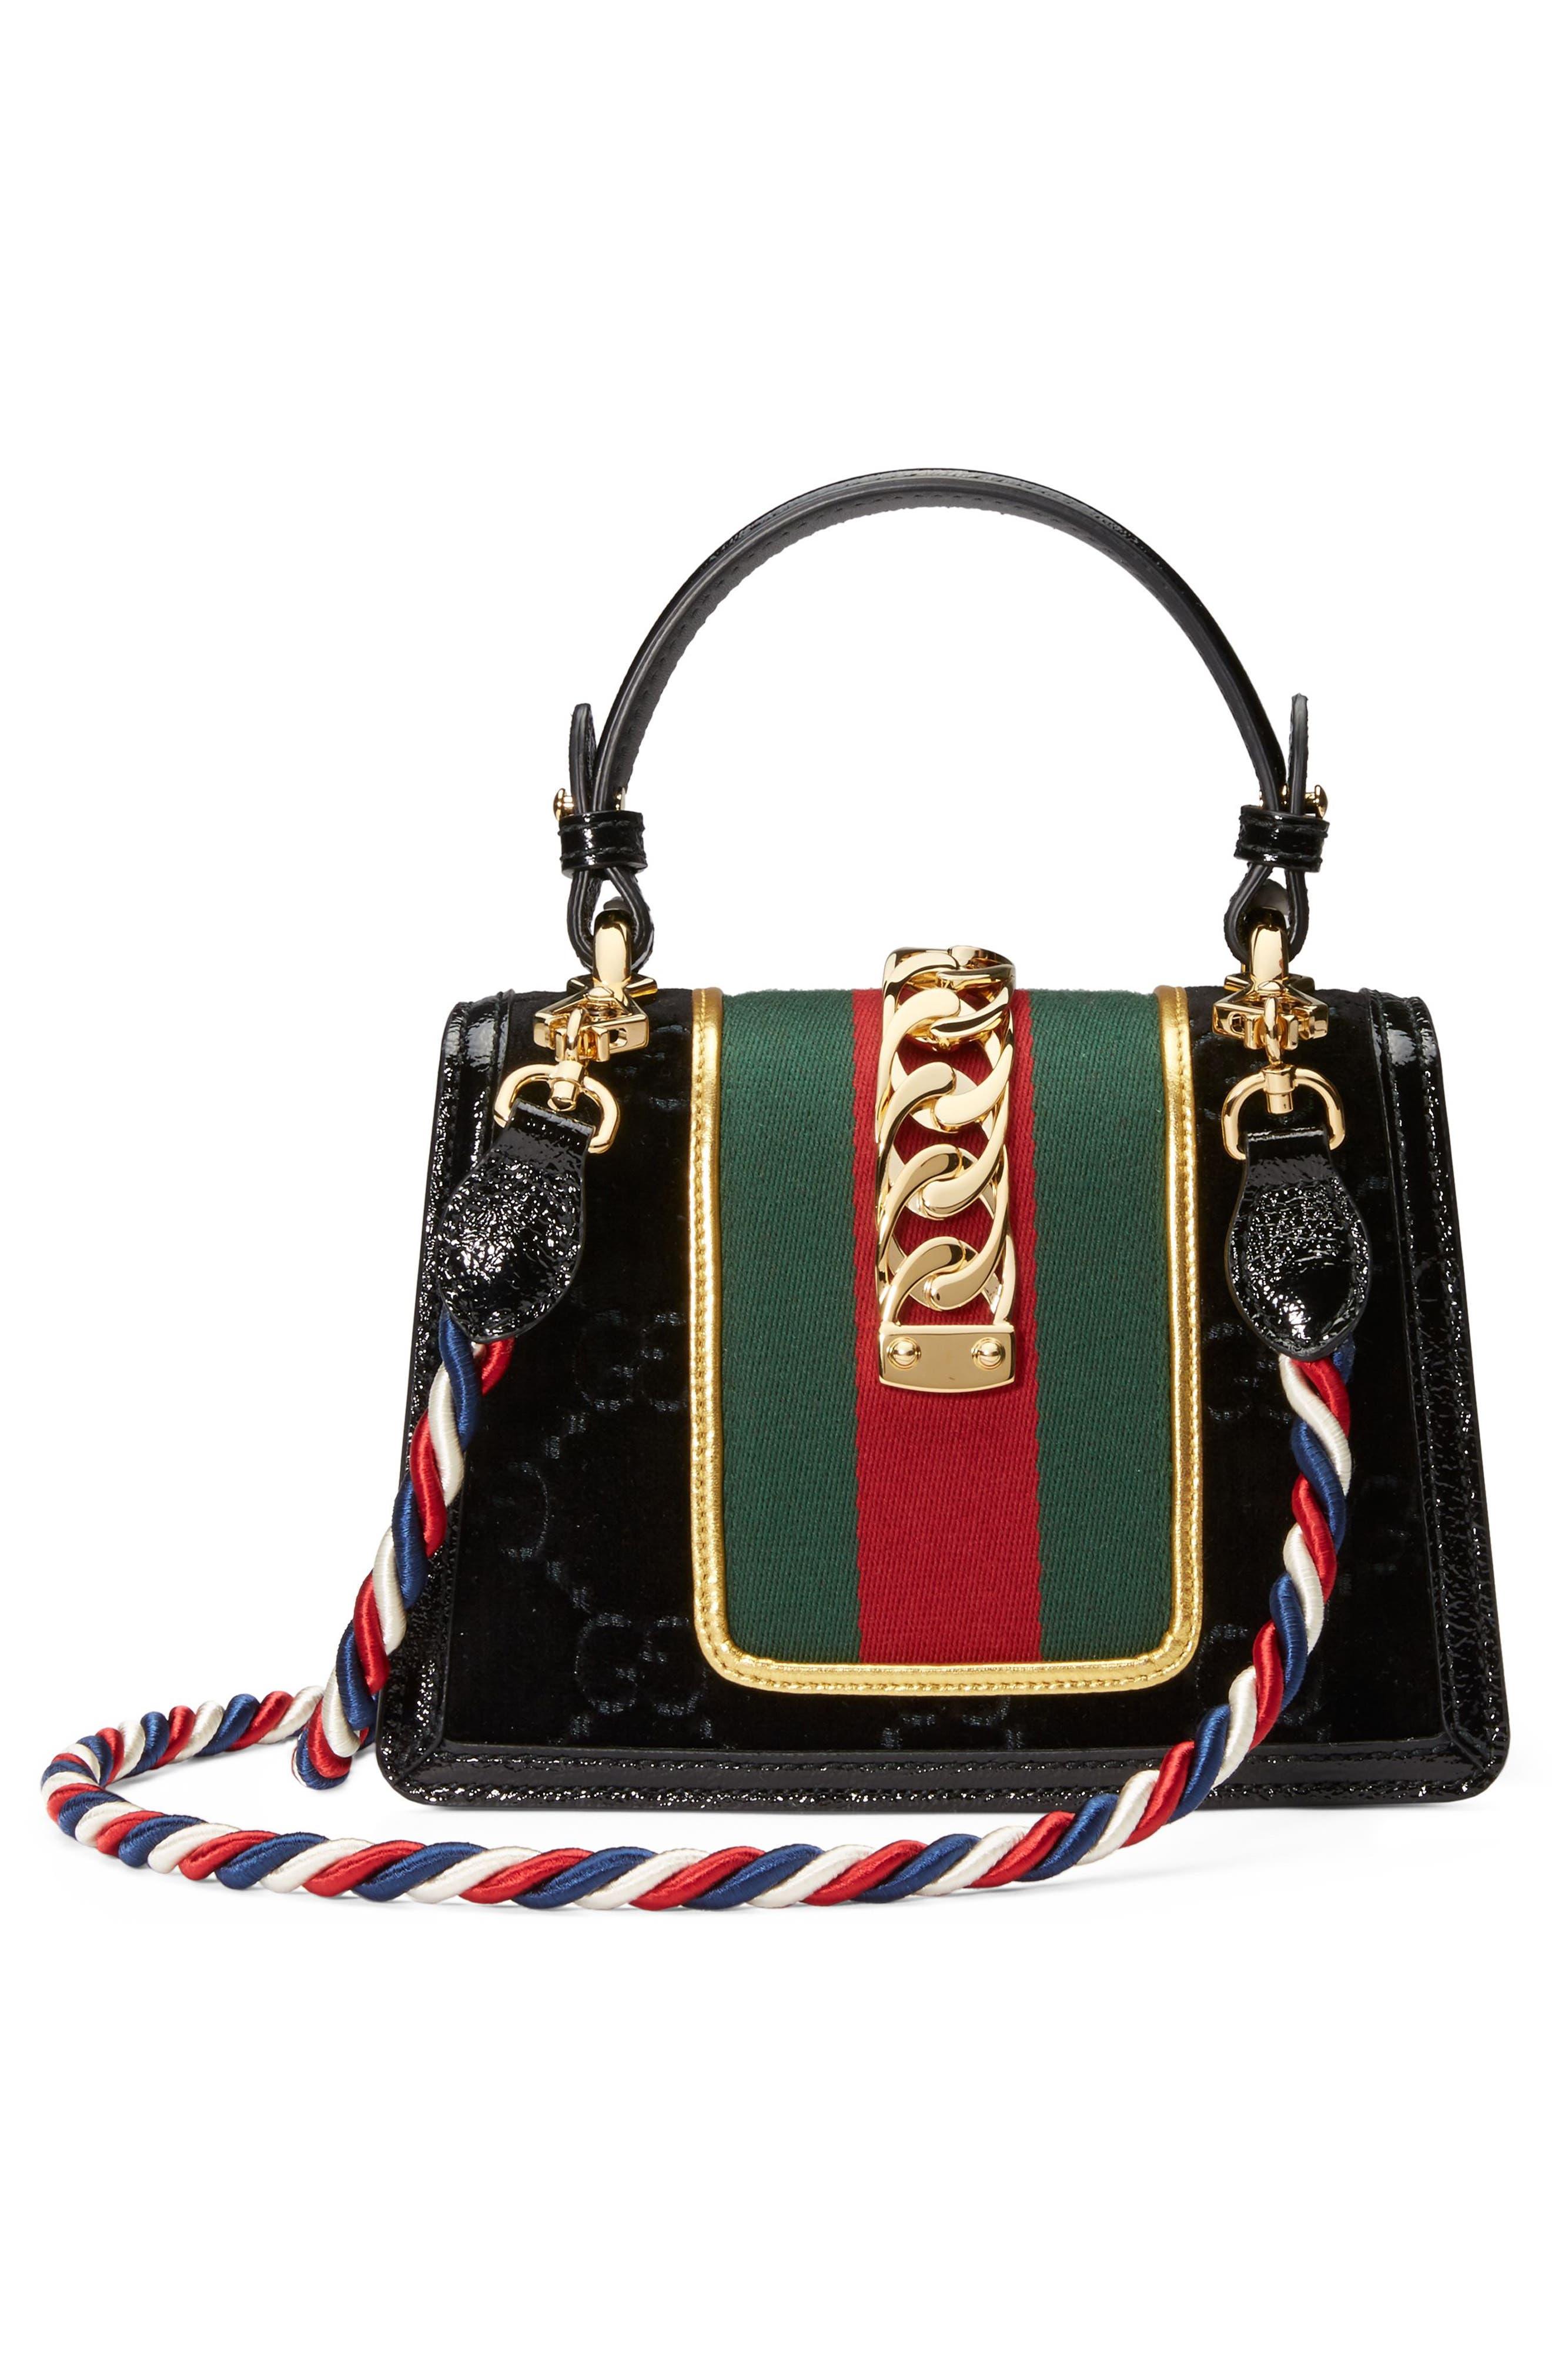 Mini Sylvie Velvet Top Handle Bag,                             Alternate thumbnail 2, color,                             Nero/ Vert Red/ Mystic White